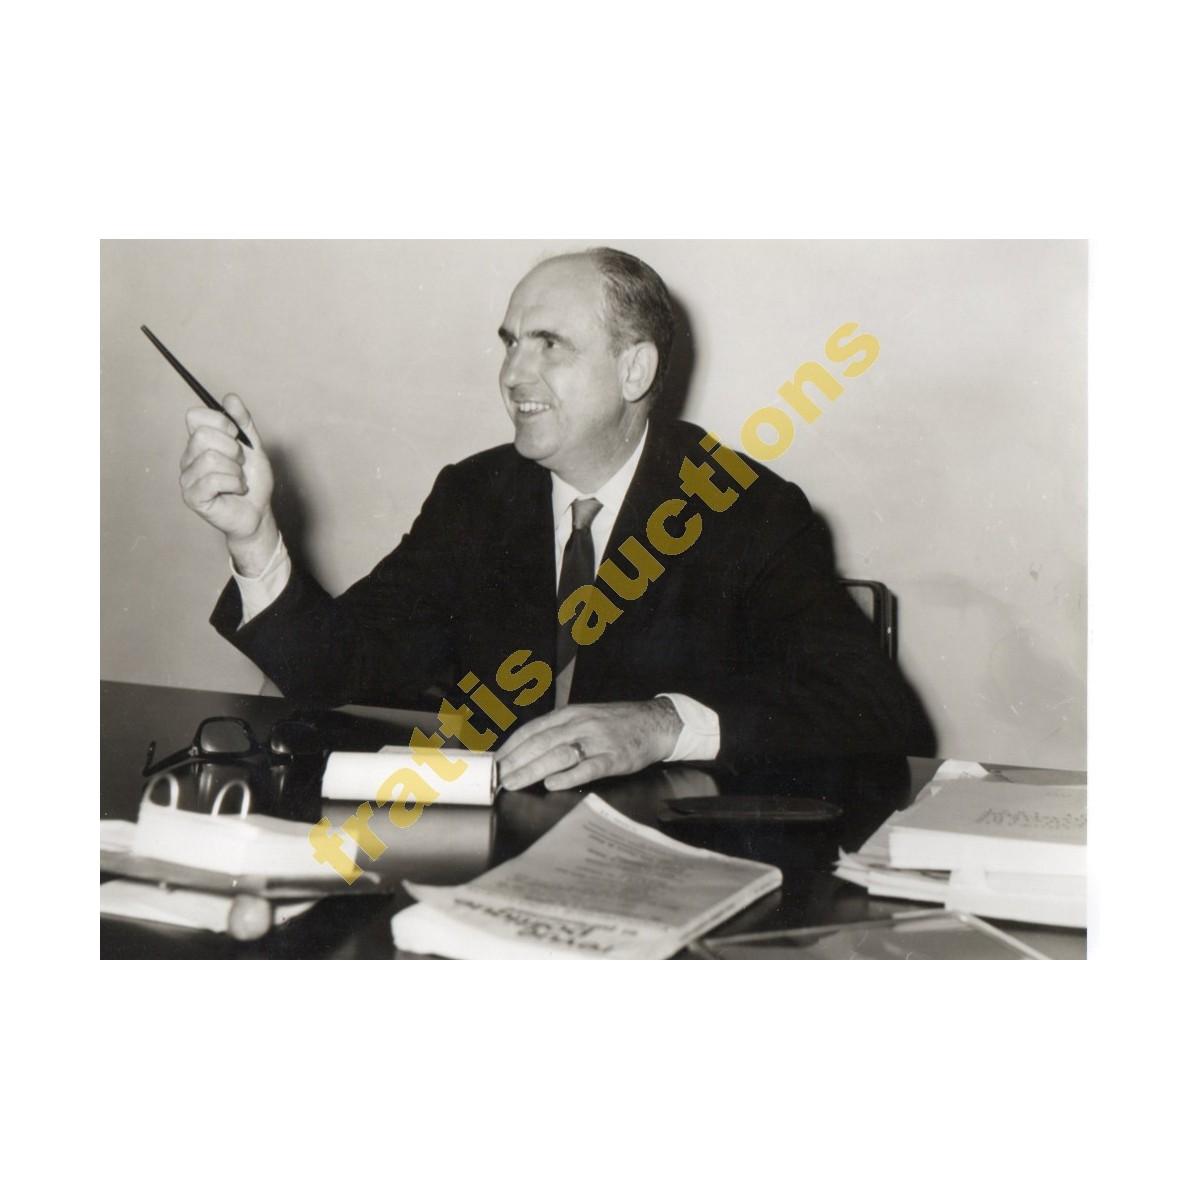 Ανδρέας Παπανδρέου, φωτογραφία του Γεωργίου Π. Κουφάκη.